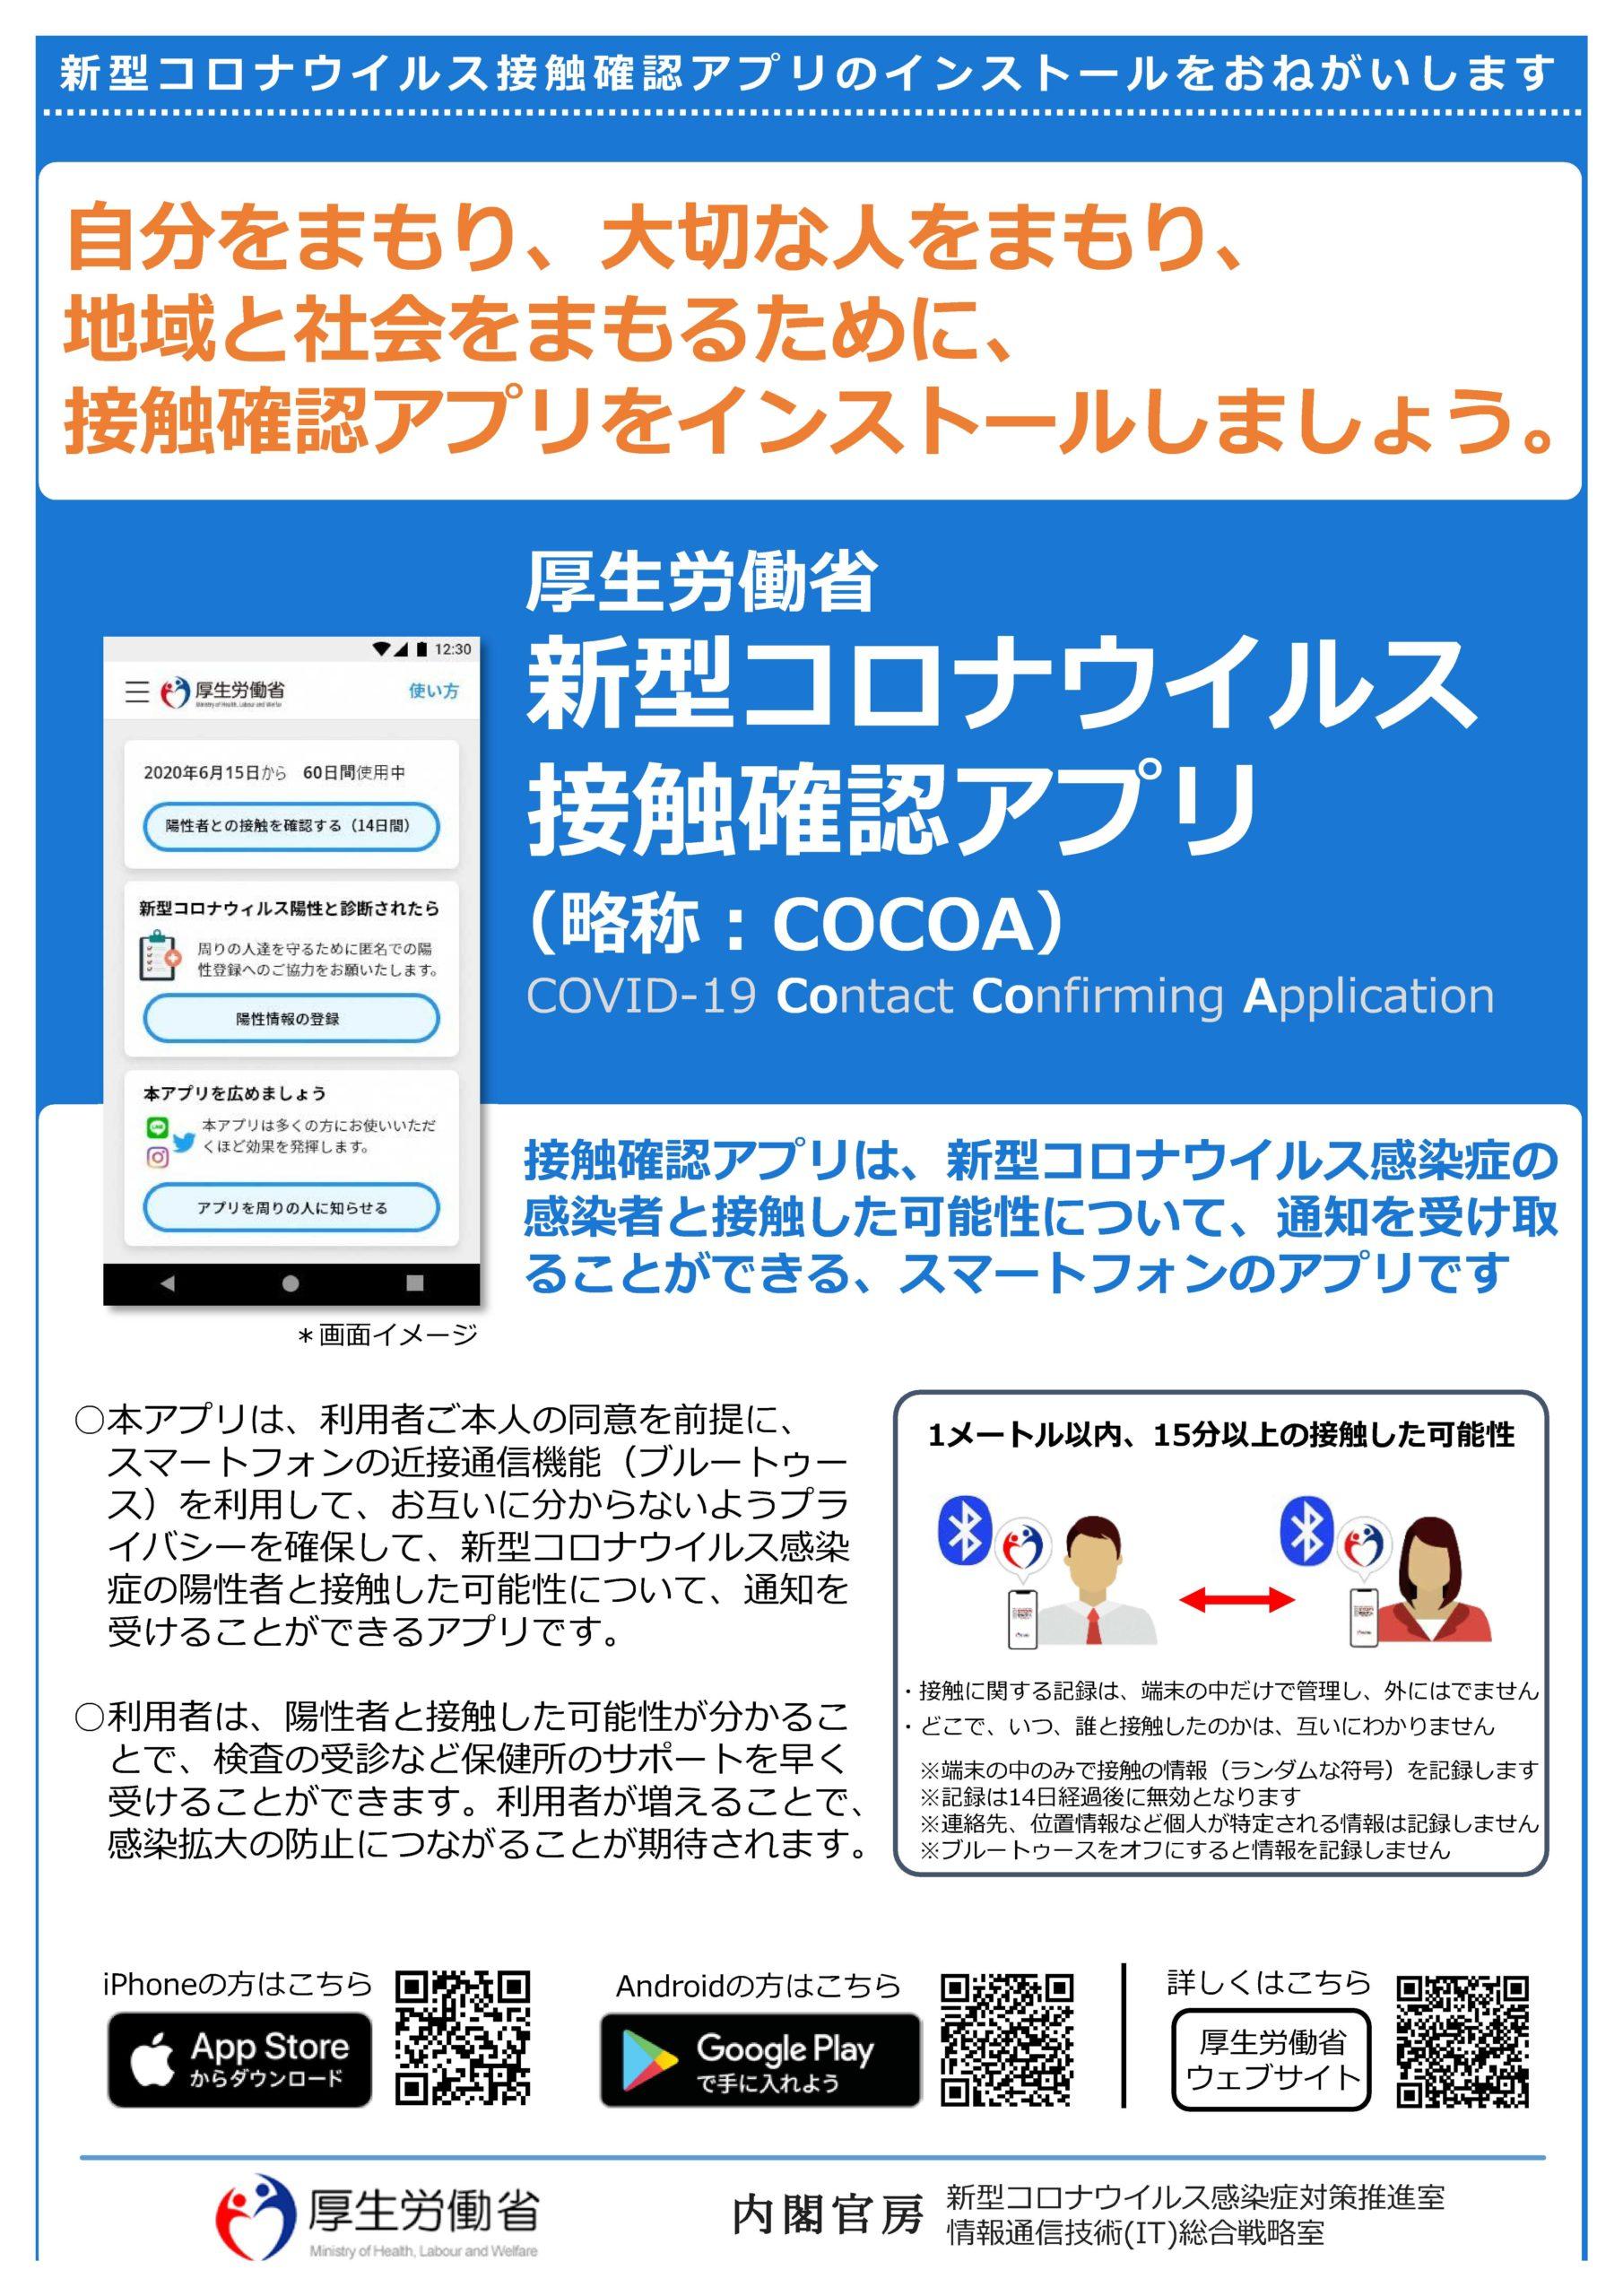 接触 アプリ ウイルス コロナ